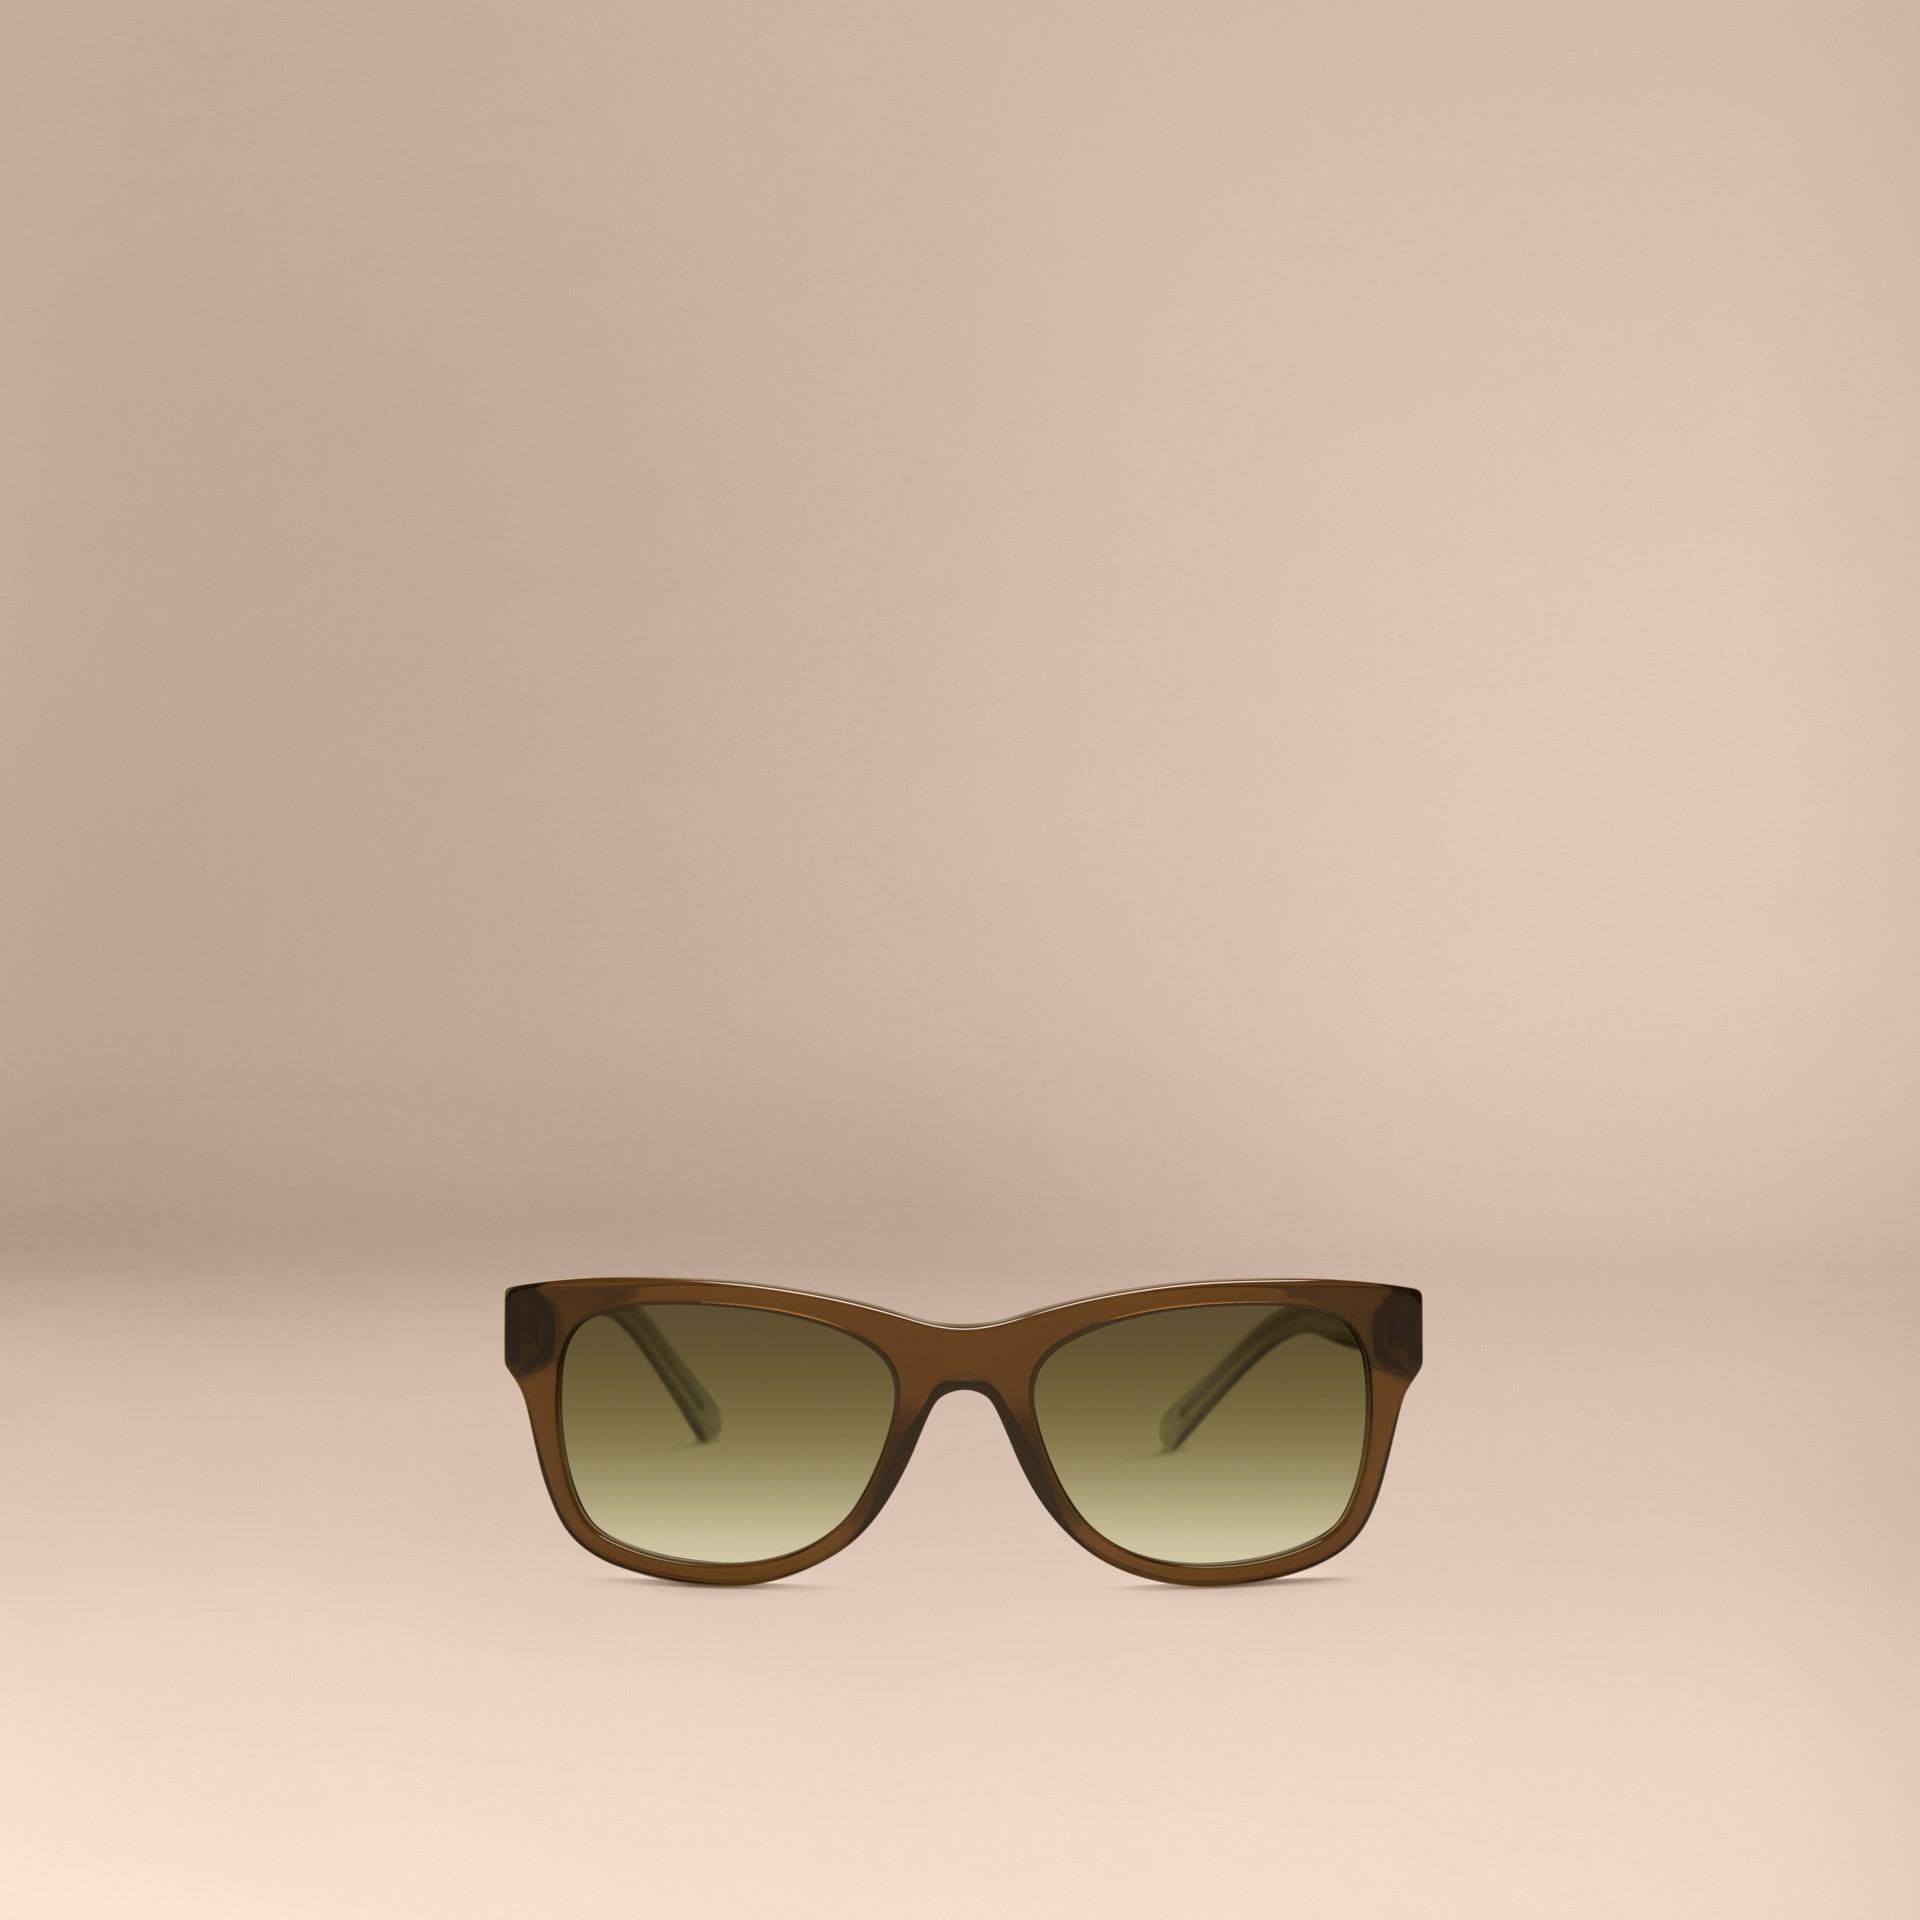 Olivfarben Sonnenbrille mit eckigem Gestell und Check-Detail Olivfarben - Galerie-Bild 3